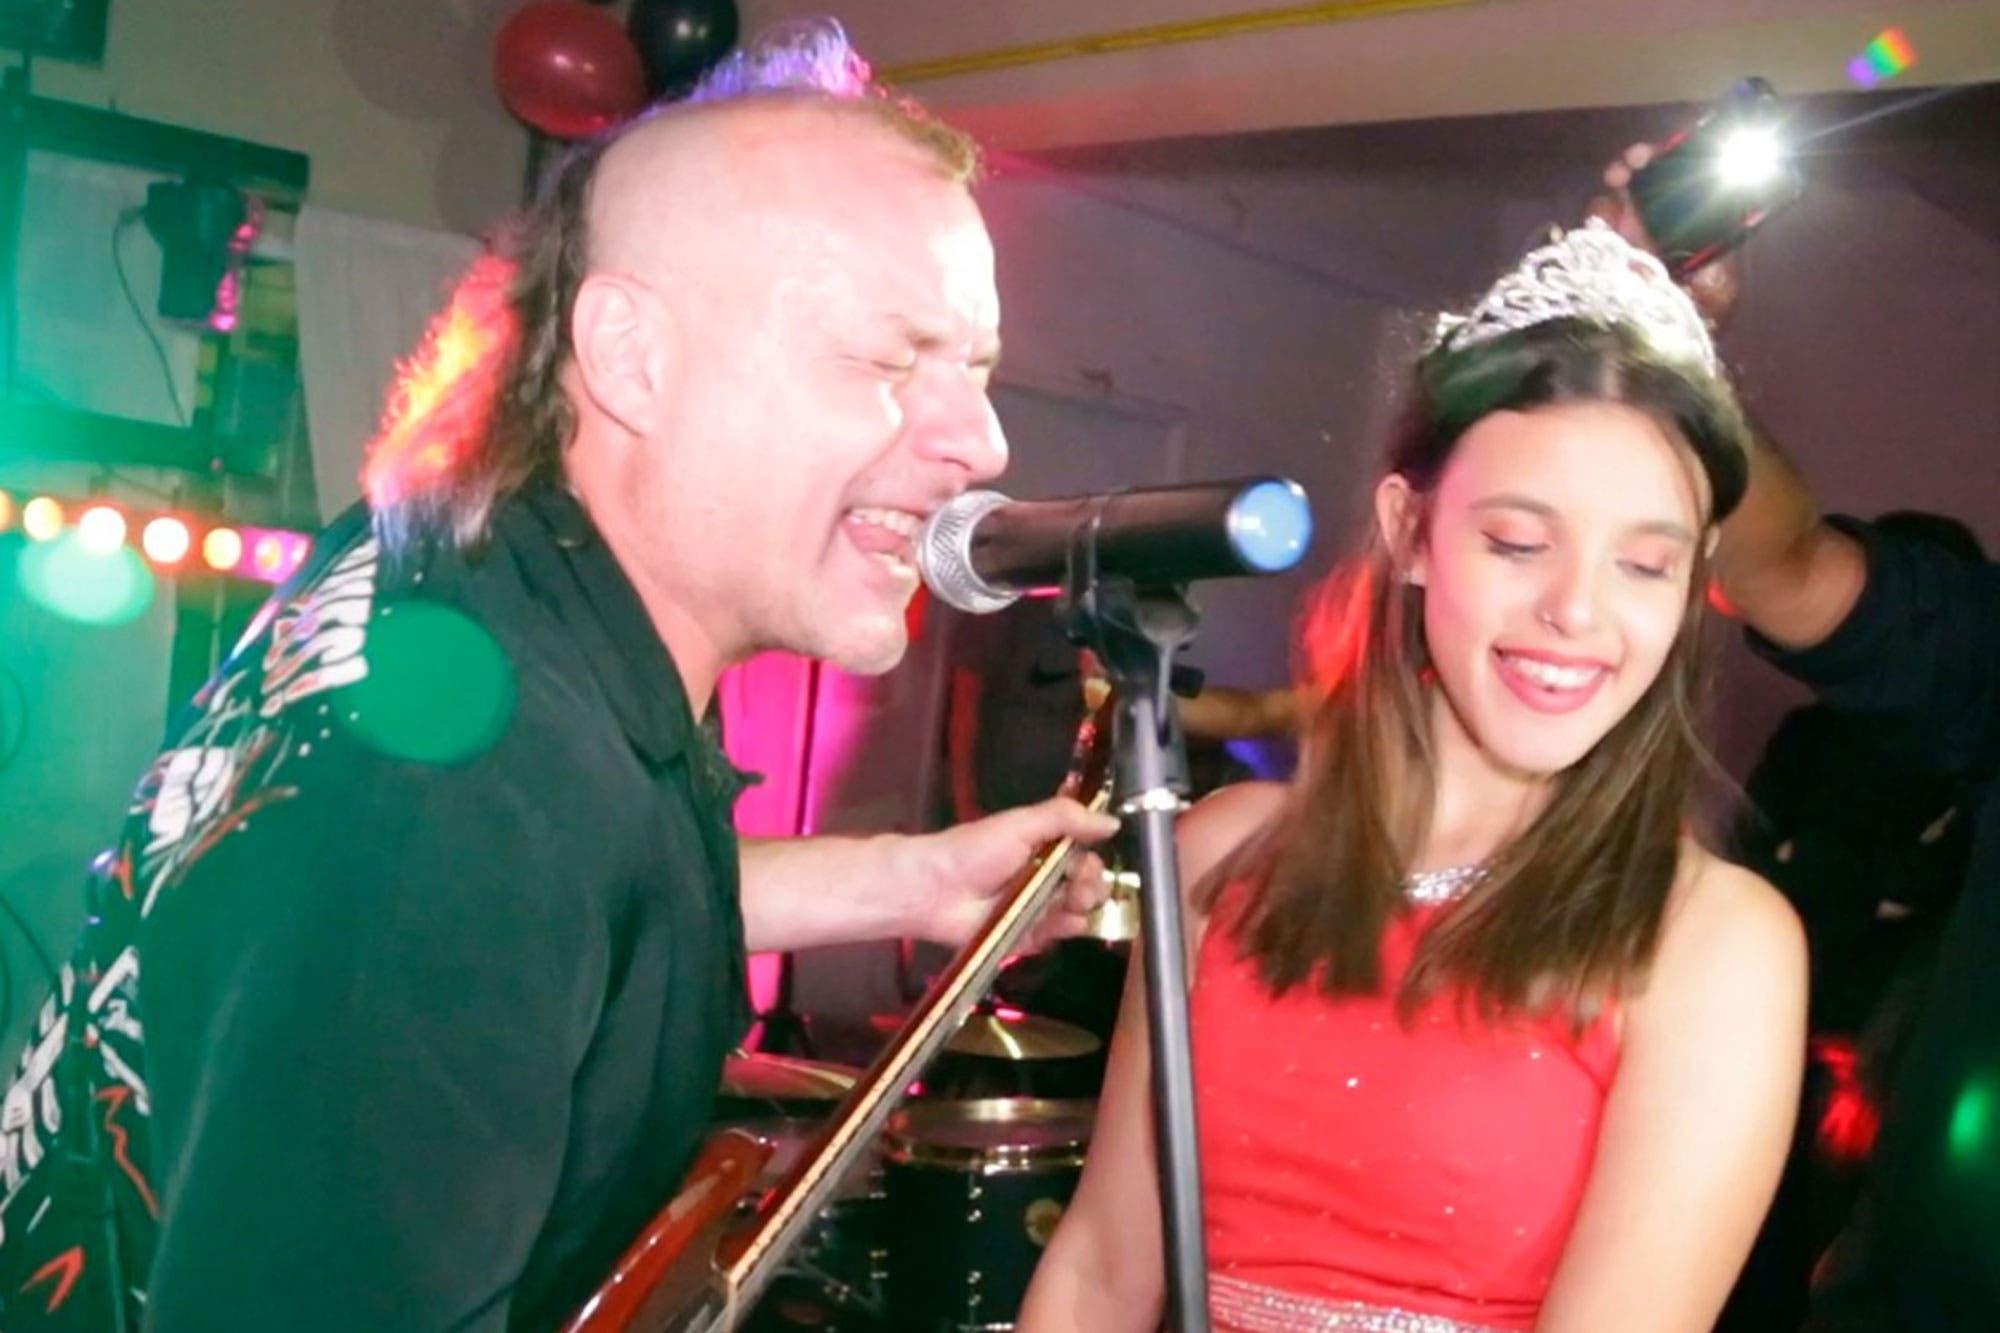 La Renga tocó en el cumpleaños de 15 de la sobrina de su cantante y los videos se hicieron virales